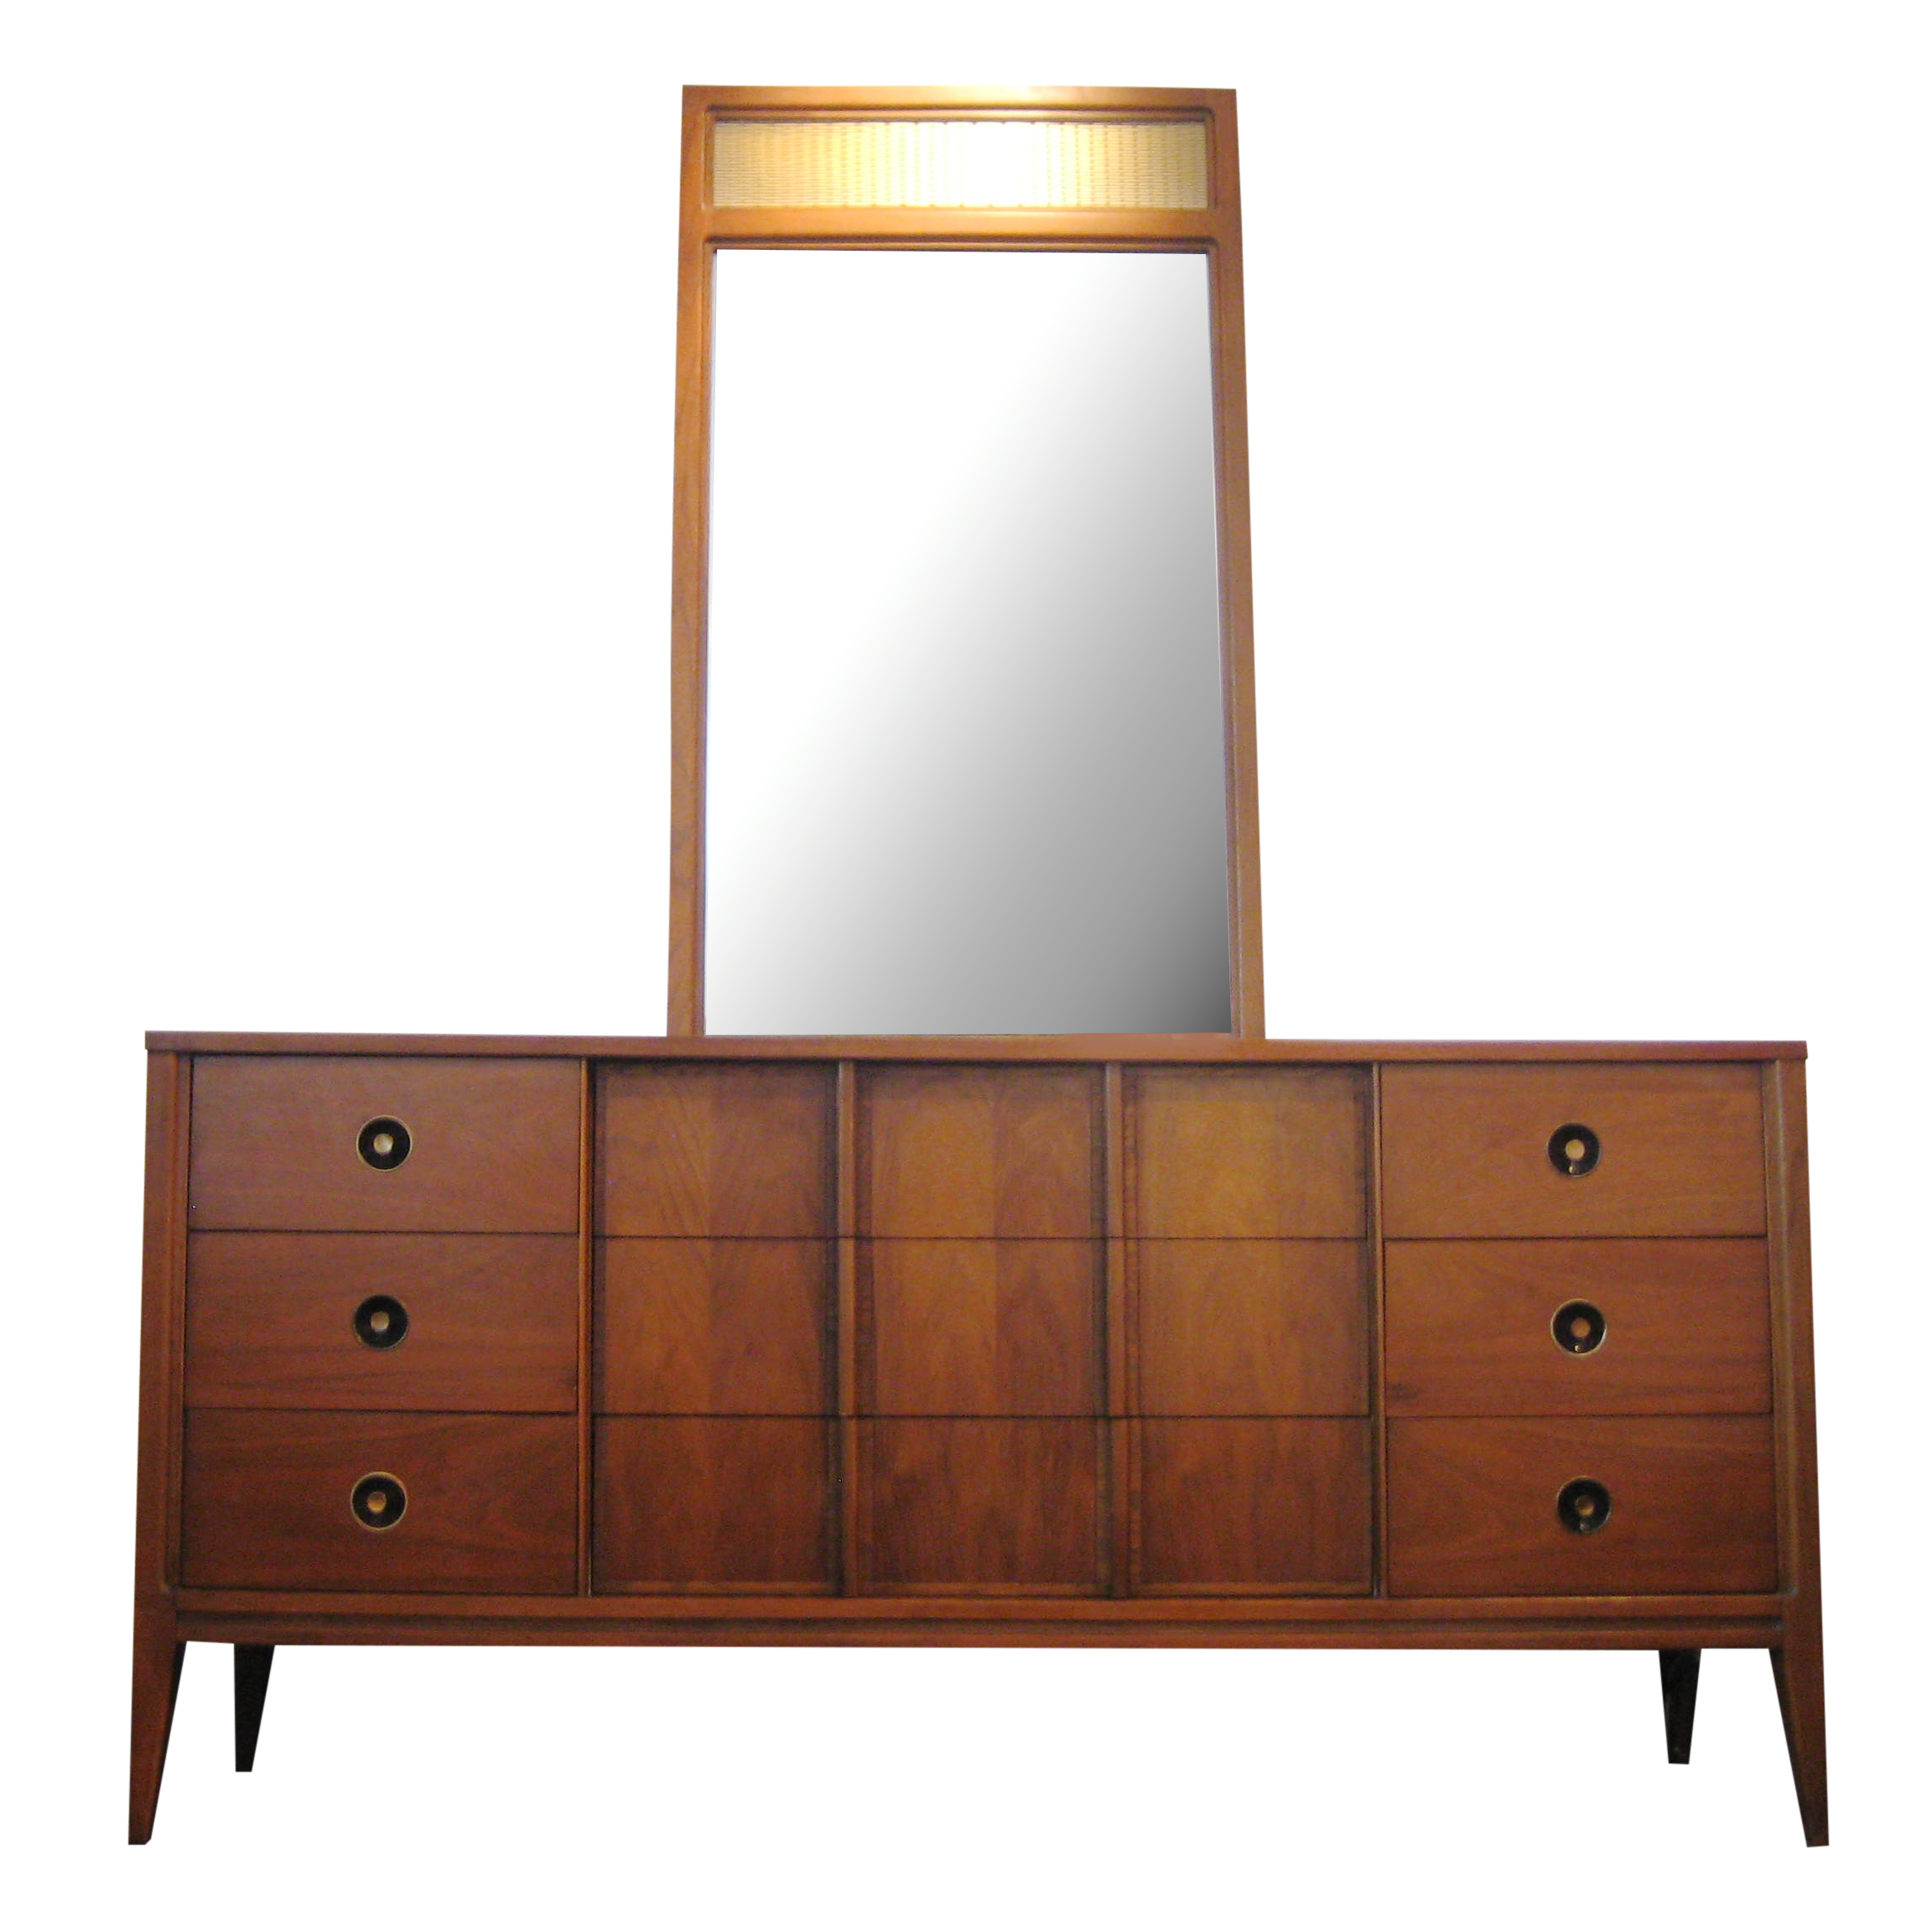 Best Mid Century Dresser With Mirror By Basic Witz On Chairish 400 x 300